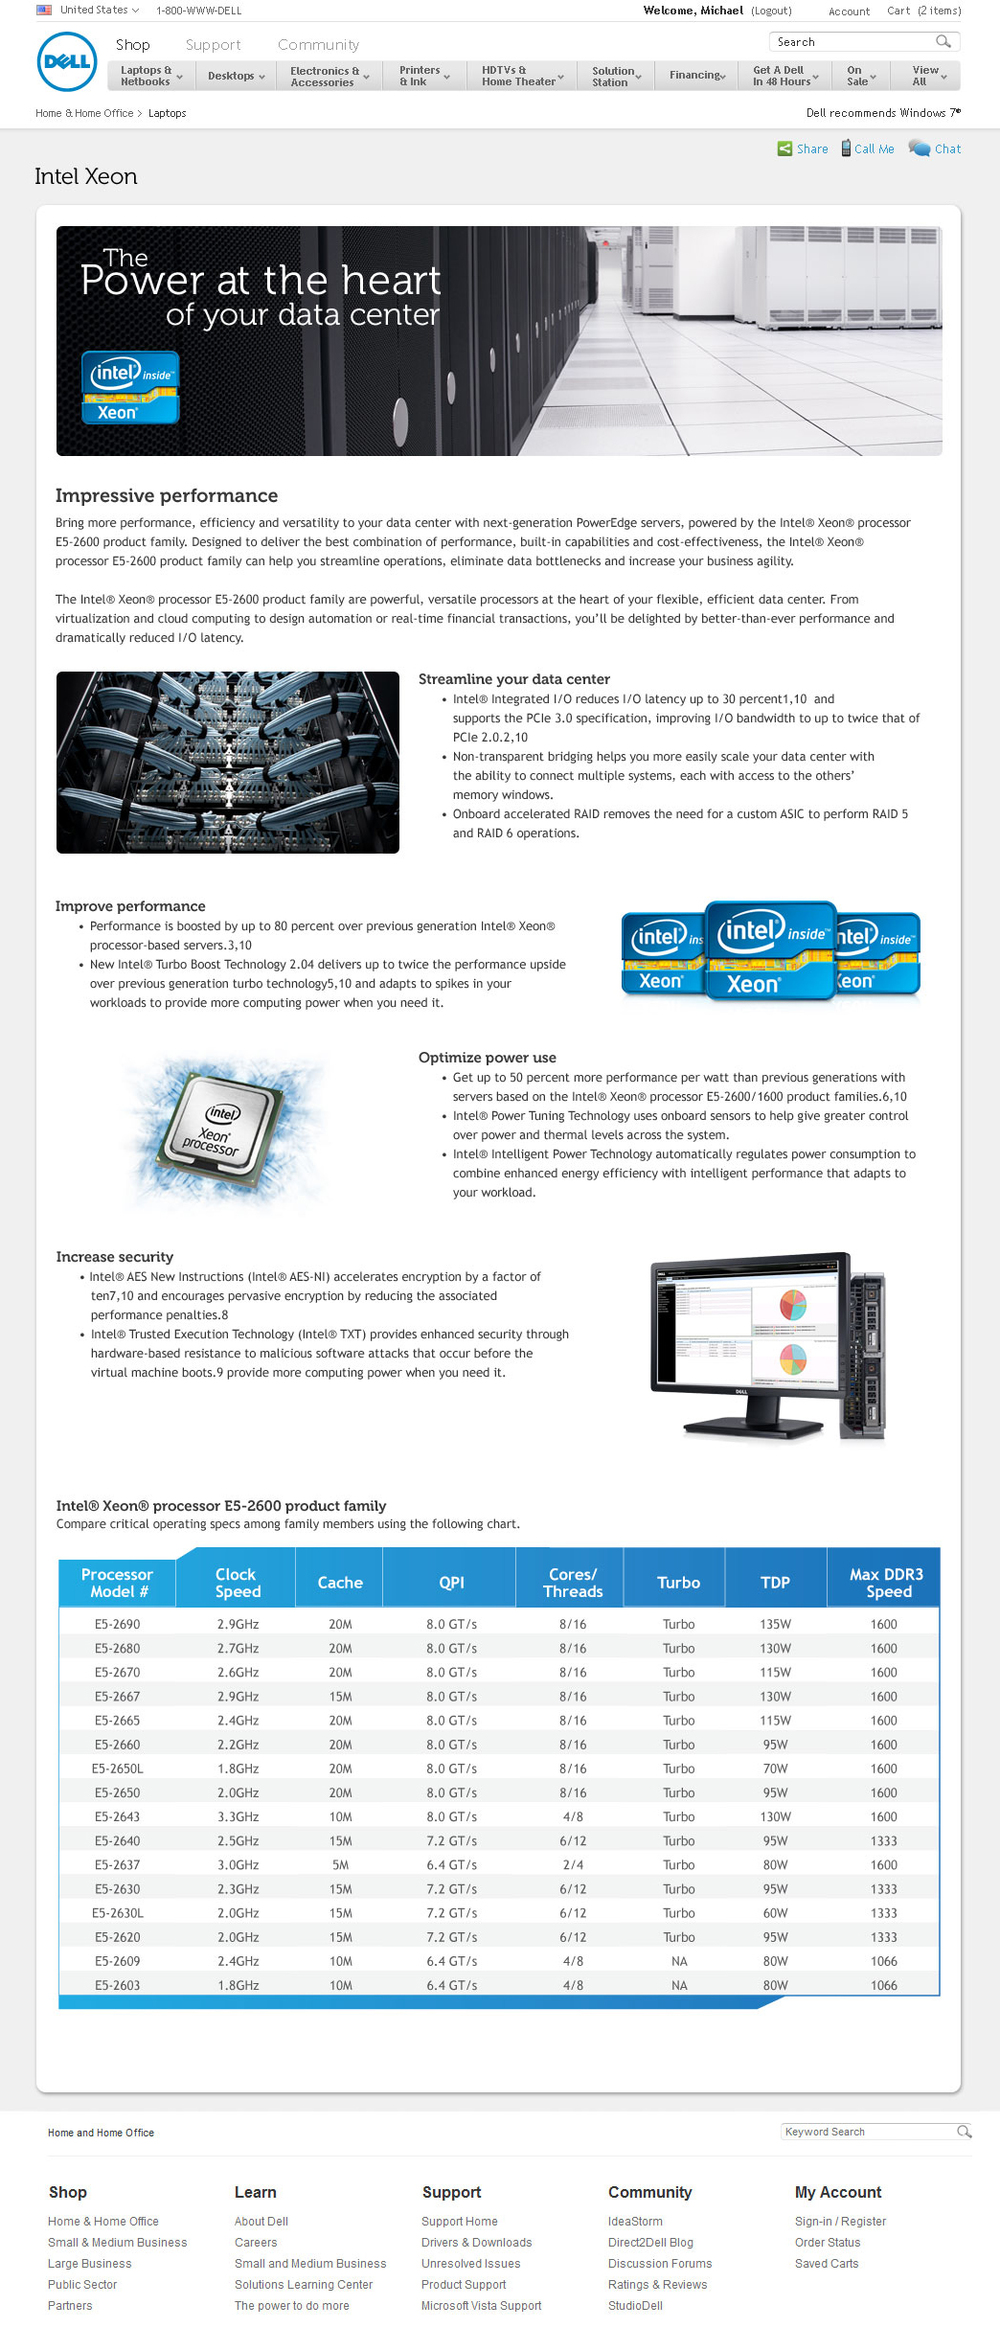 Intel landing page